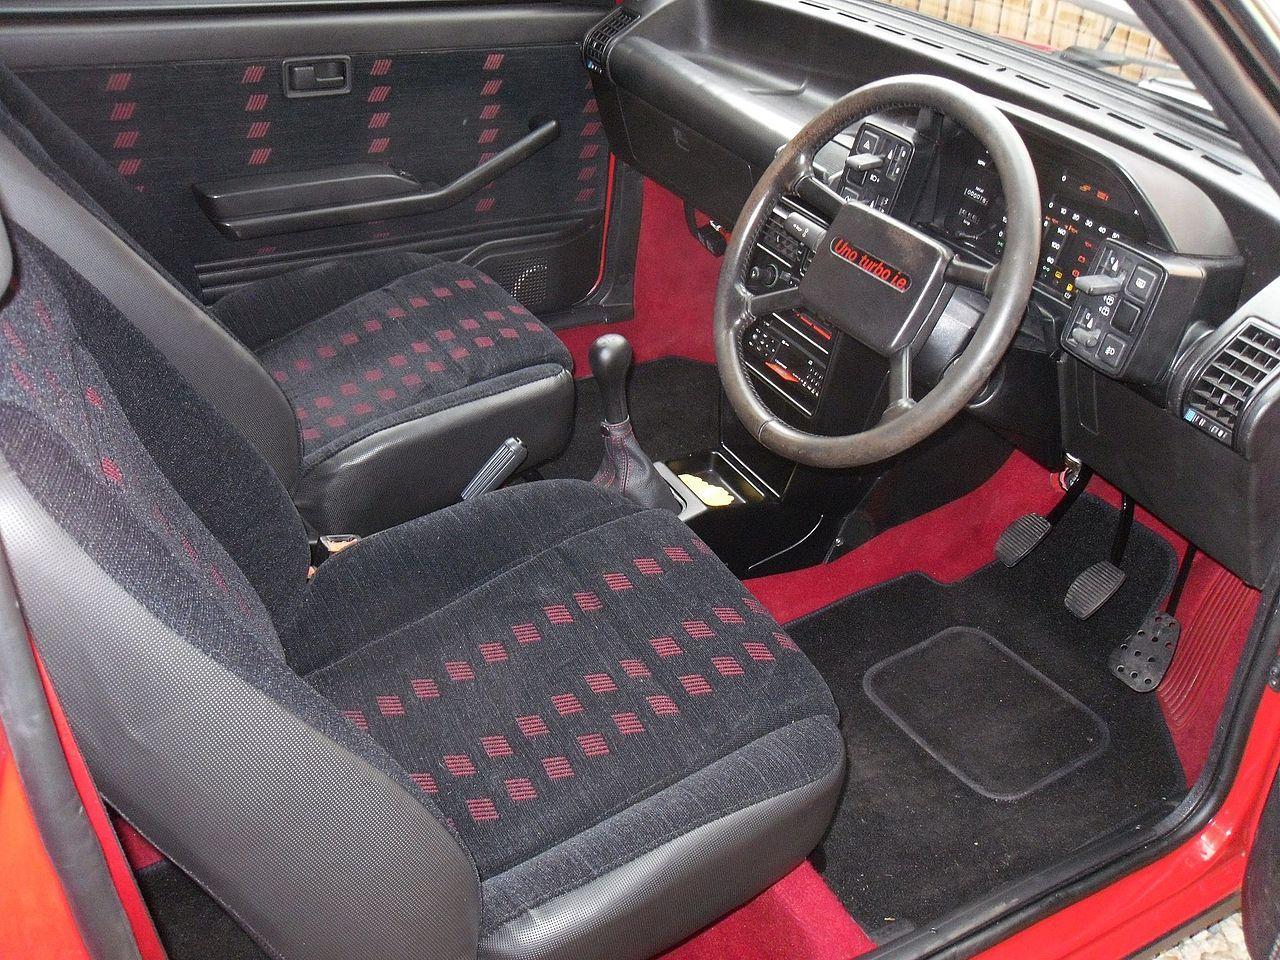 First Series Fiat Uno Turbo I E Interior 1988 Fiat Uno